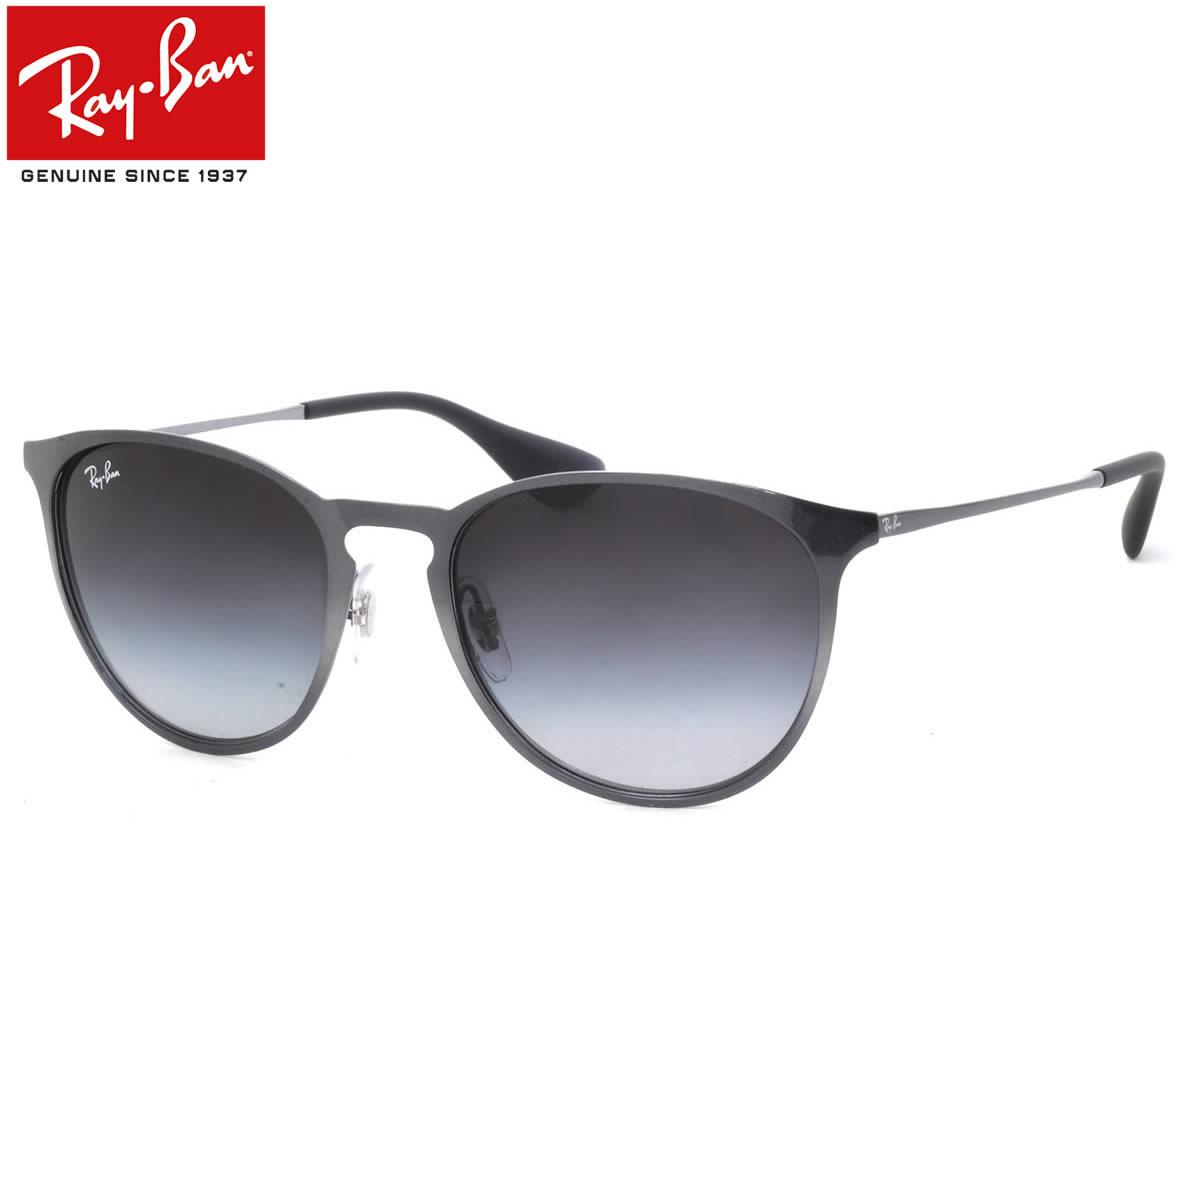 a60c550283d15 Ray-Ban sunglasses Erika metal Ray-Ban RB3539 192 8G 54 size Ray-Ban RAYBAN  ERIKA METAL 1928G keyhole Boston circle glasses men gap Dis